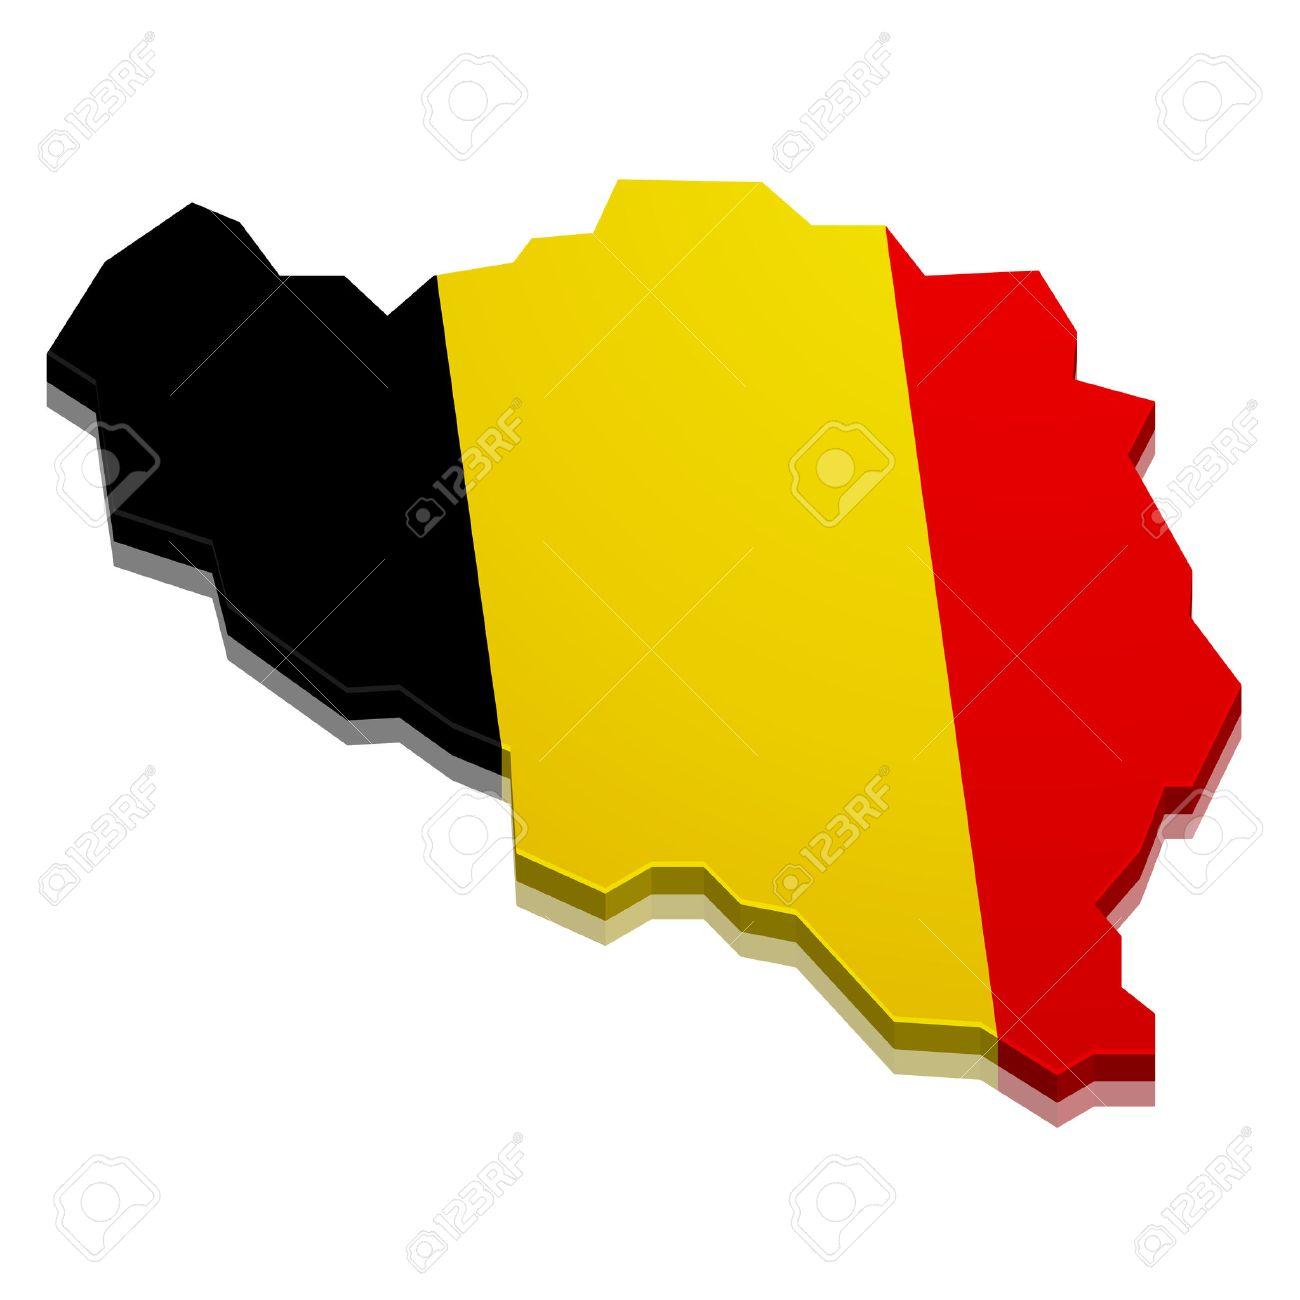 https://previews.123rf.com/images/unkreatives/unkreatives1406/unkreatives140600133/29558297-detaillierte-Darstellung-einer-3D-Karte-von-Belgien-mit-Flagge-eps10-Vektor-Lizenzfreie-Bilder.jpg